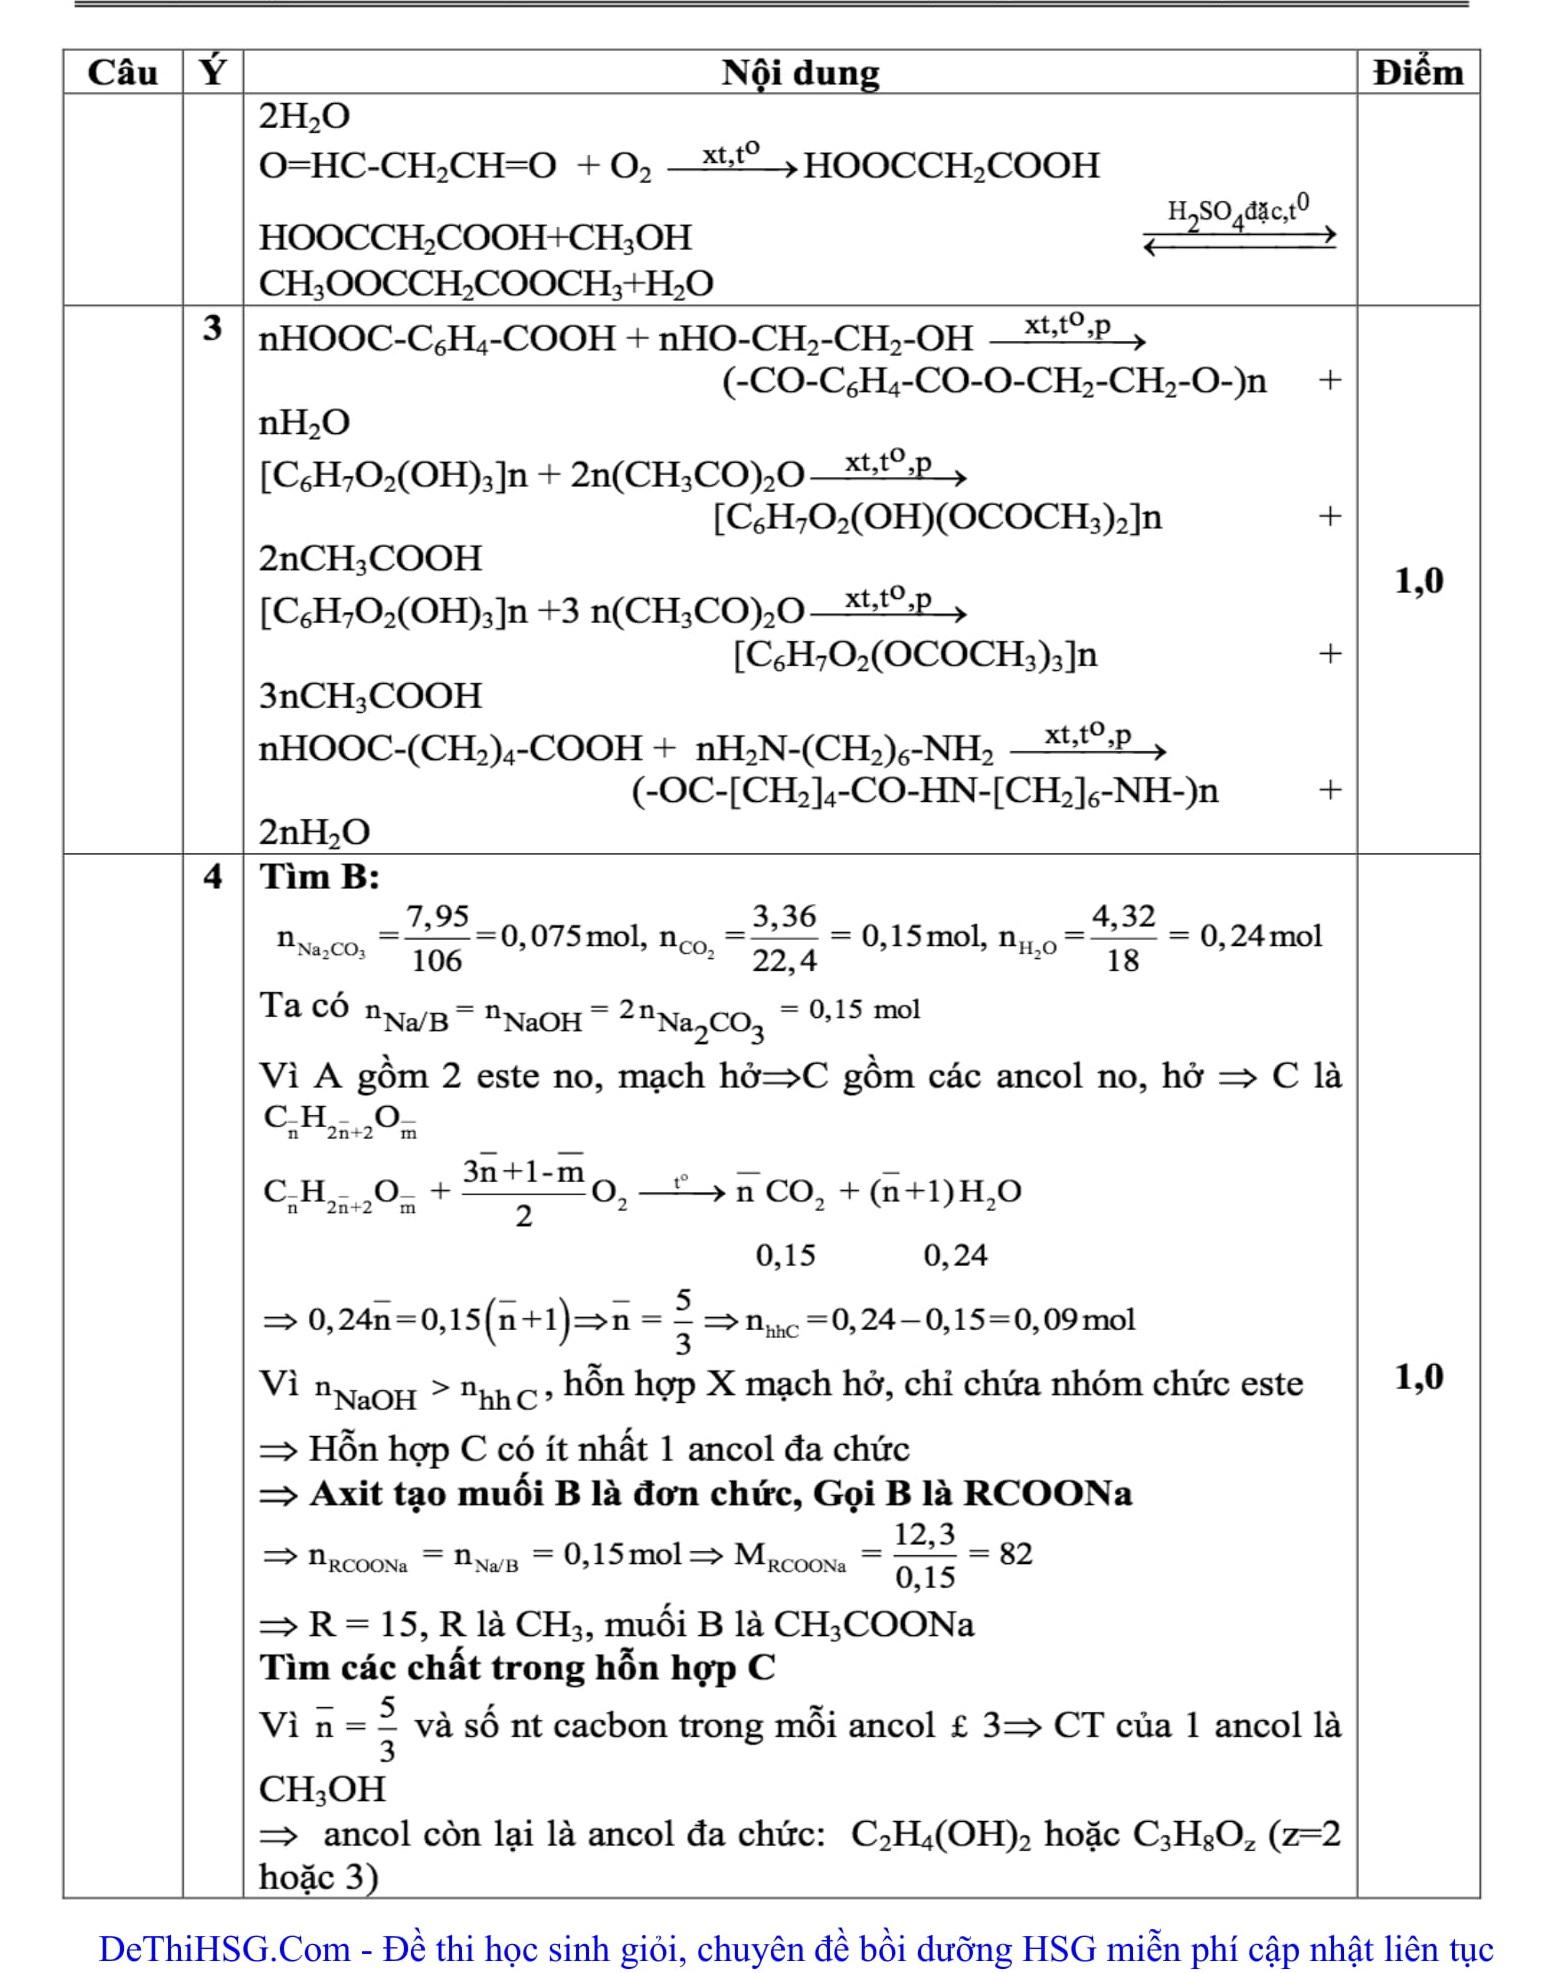 Đáp án và đề thi HSG Hóa học lớp 12 GD&ĐT Quảng Trị 2016-2017